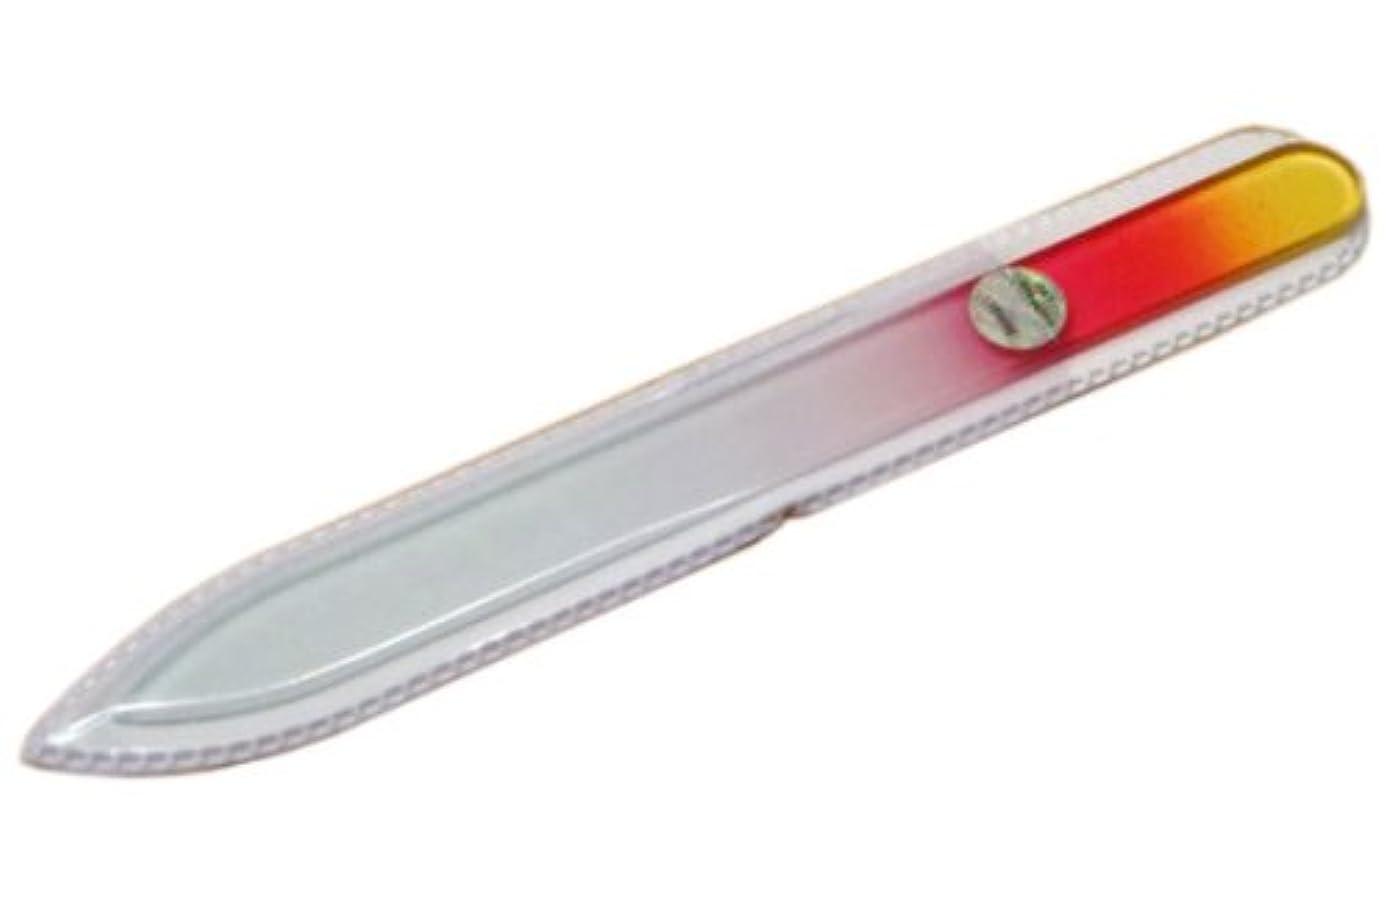 ペア退屈な賞賛するブラジェク ガラス爪やすり 140mm 片面タイプ(オレンジグラデーション #01)